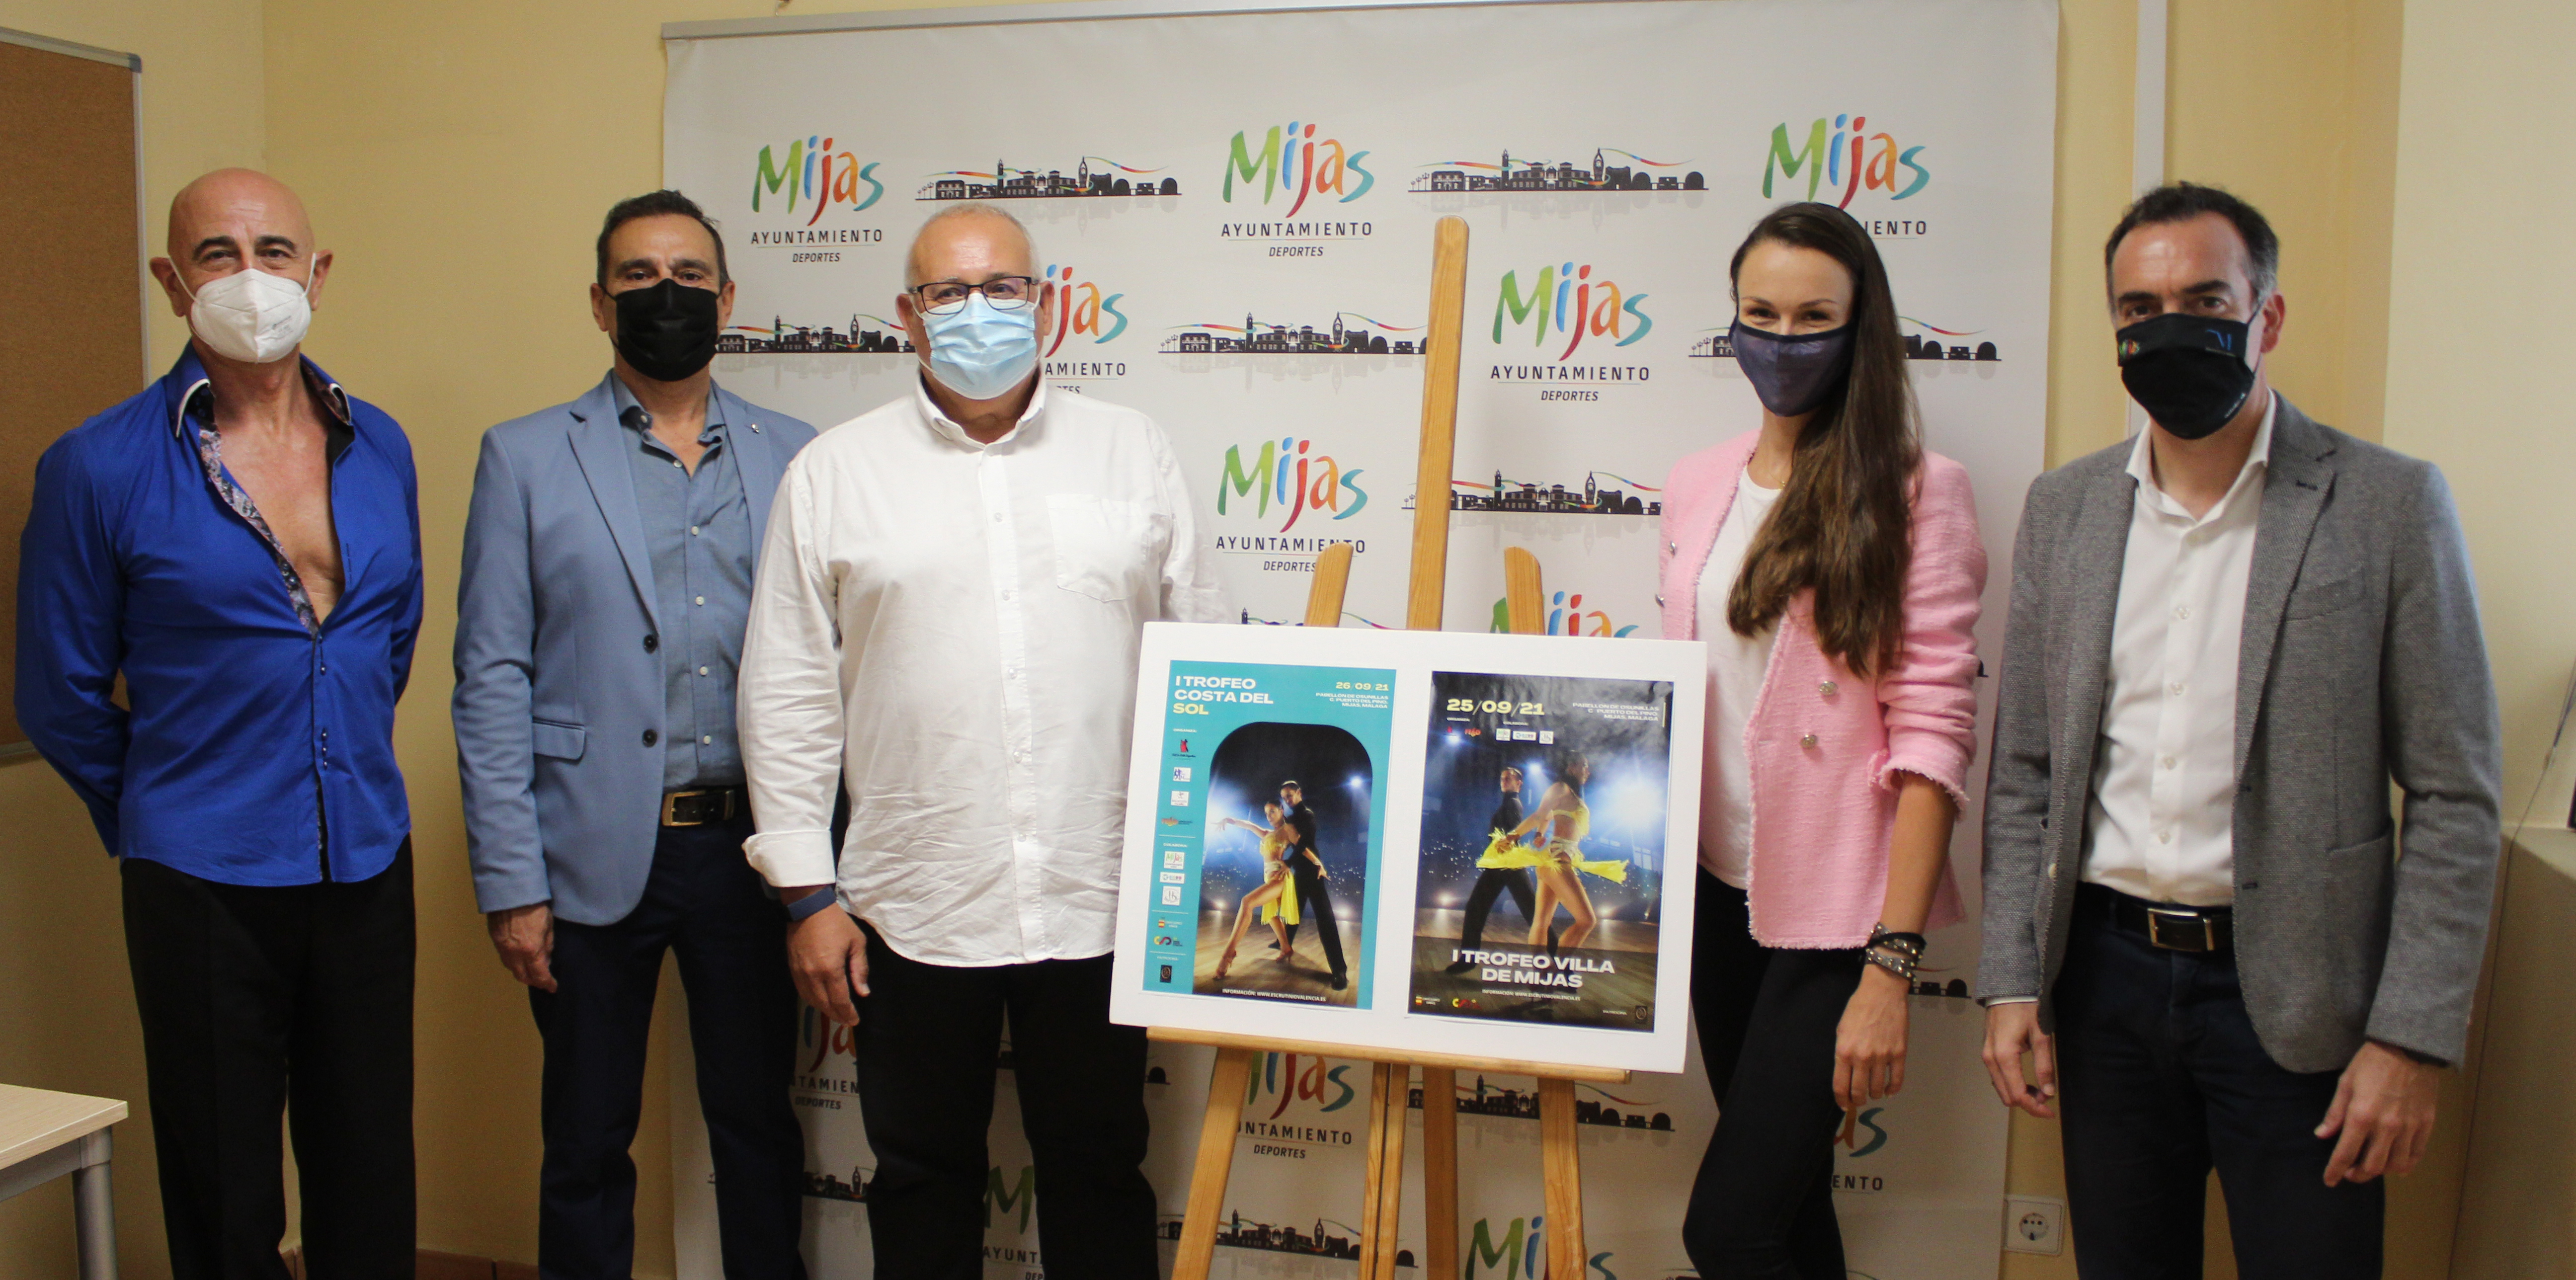 El mejor baile deportivo de España dará sus pasos más destacados en Mijas